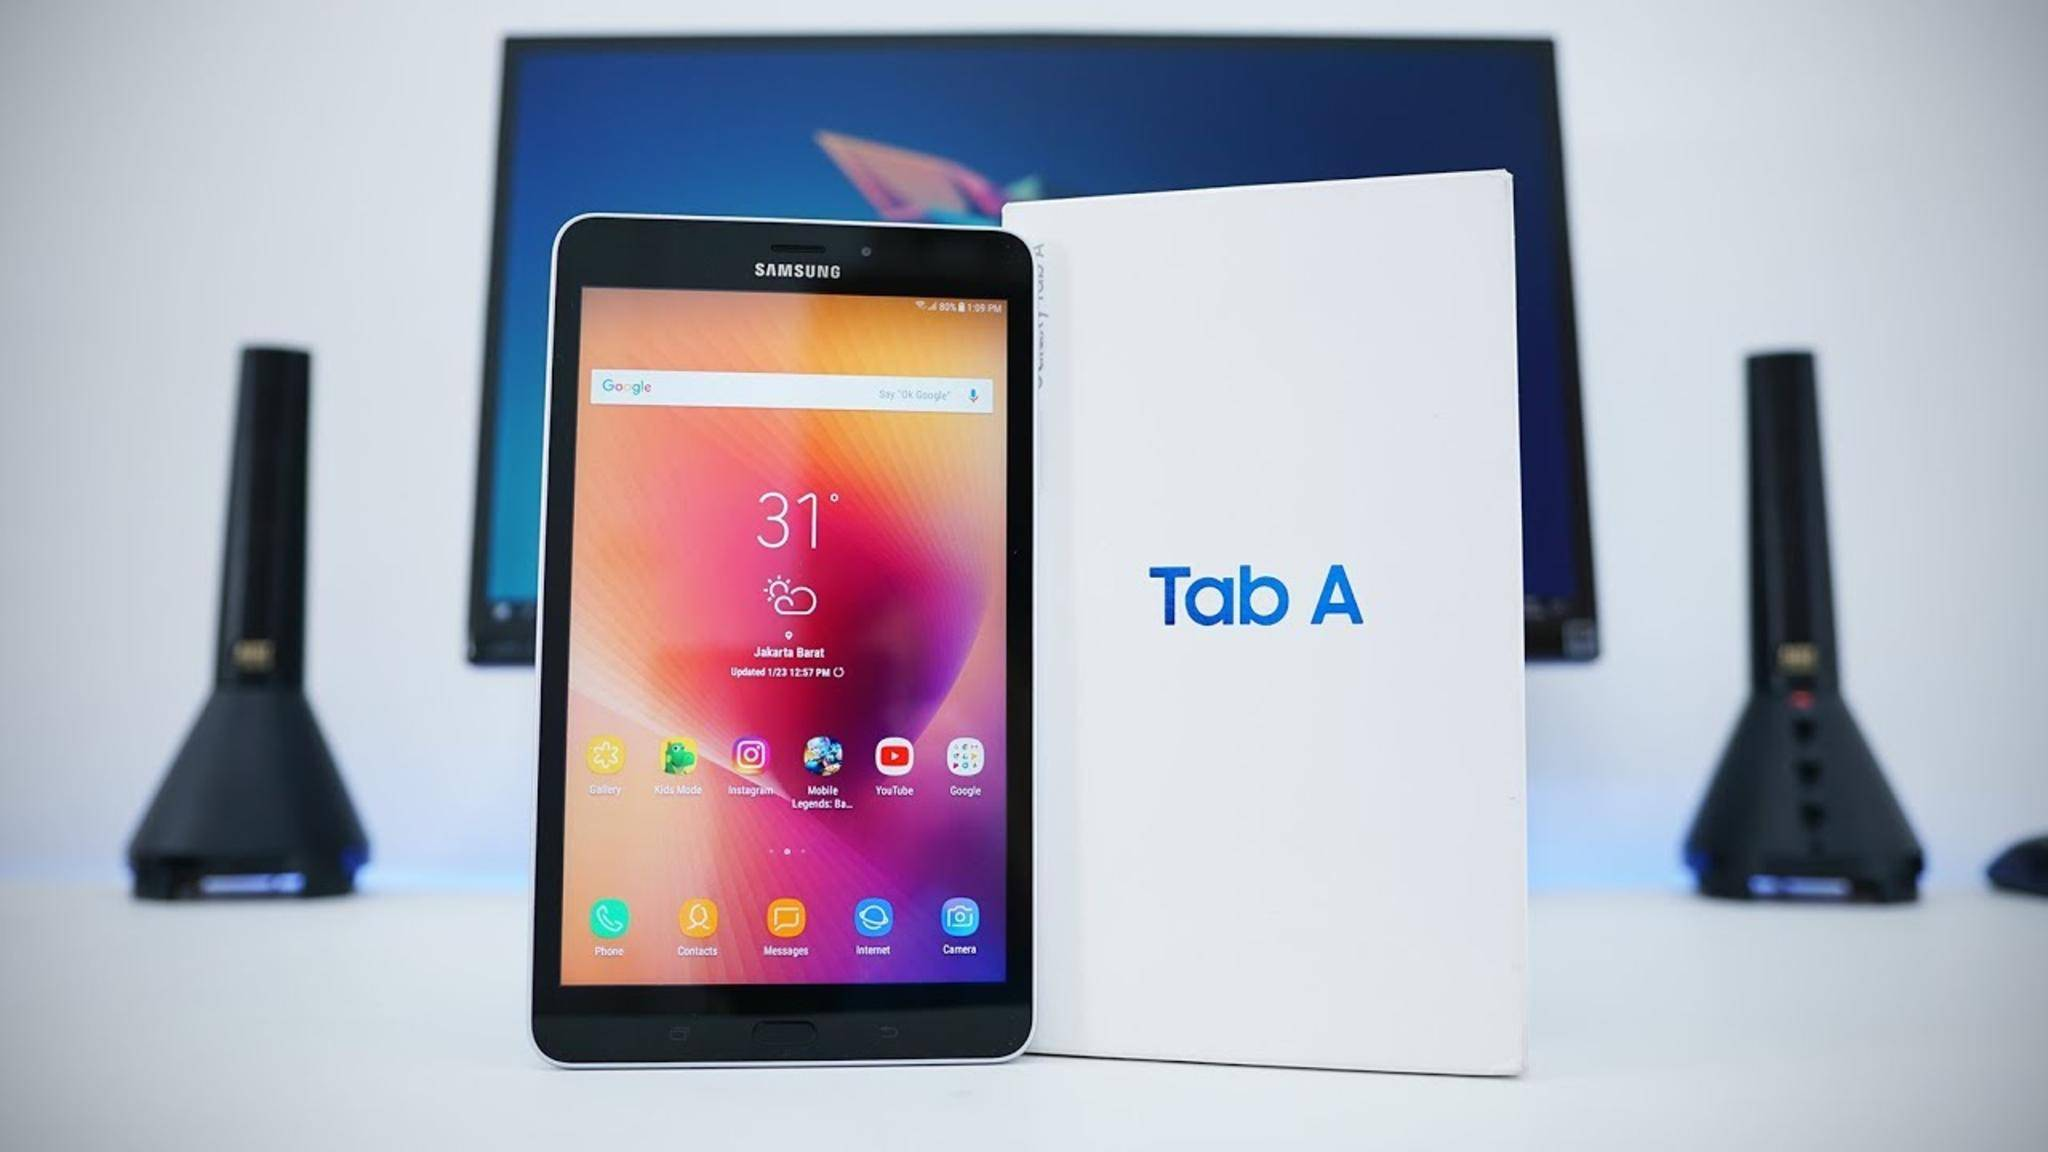 Das Galaxy Tab A zählt zu den soliden Einsteiger-Tablets.